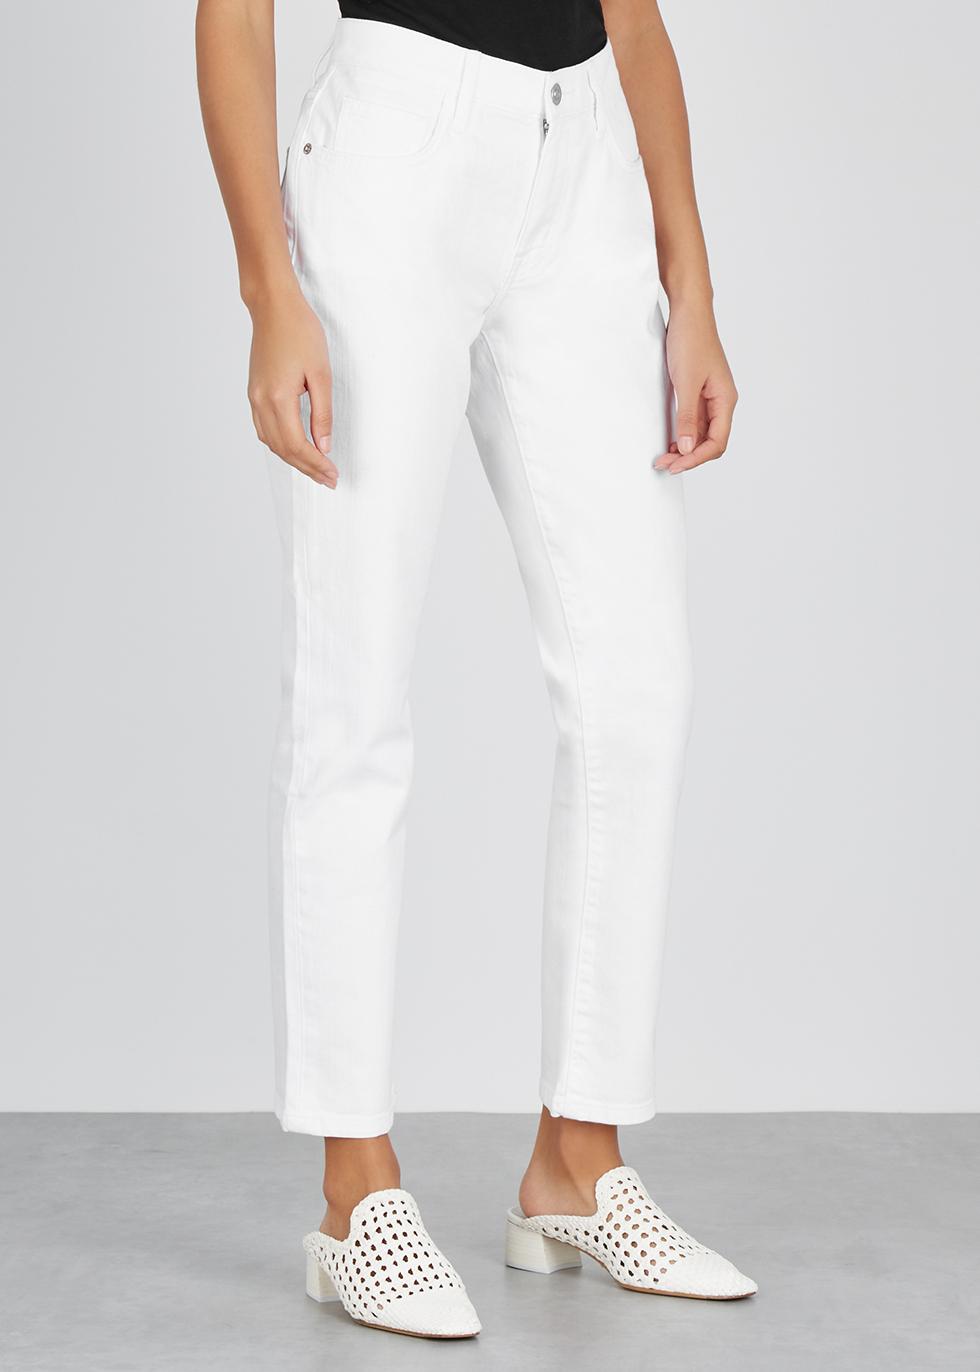 The Fling straight-leg jeans - Current/Elliott